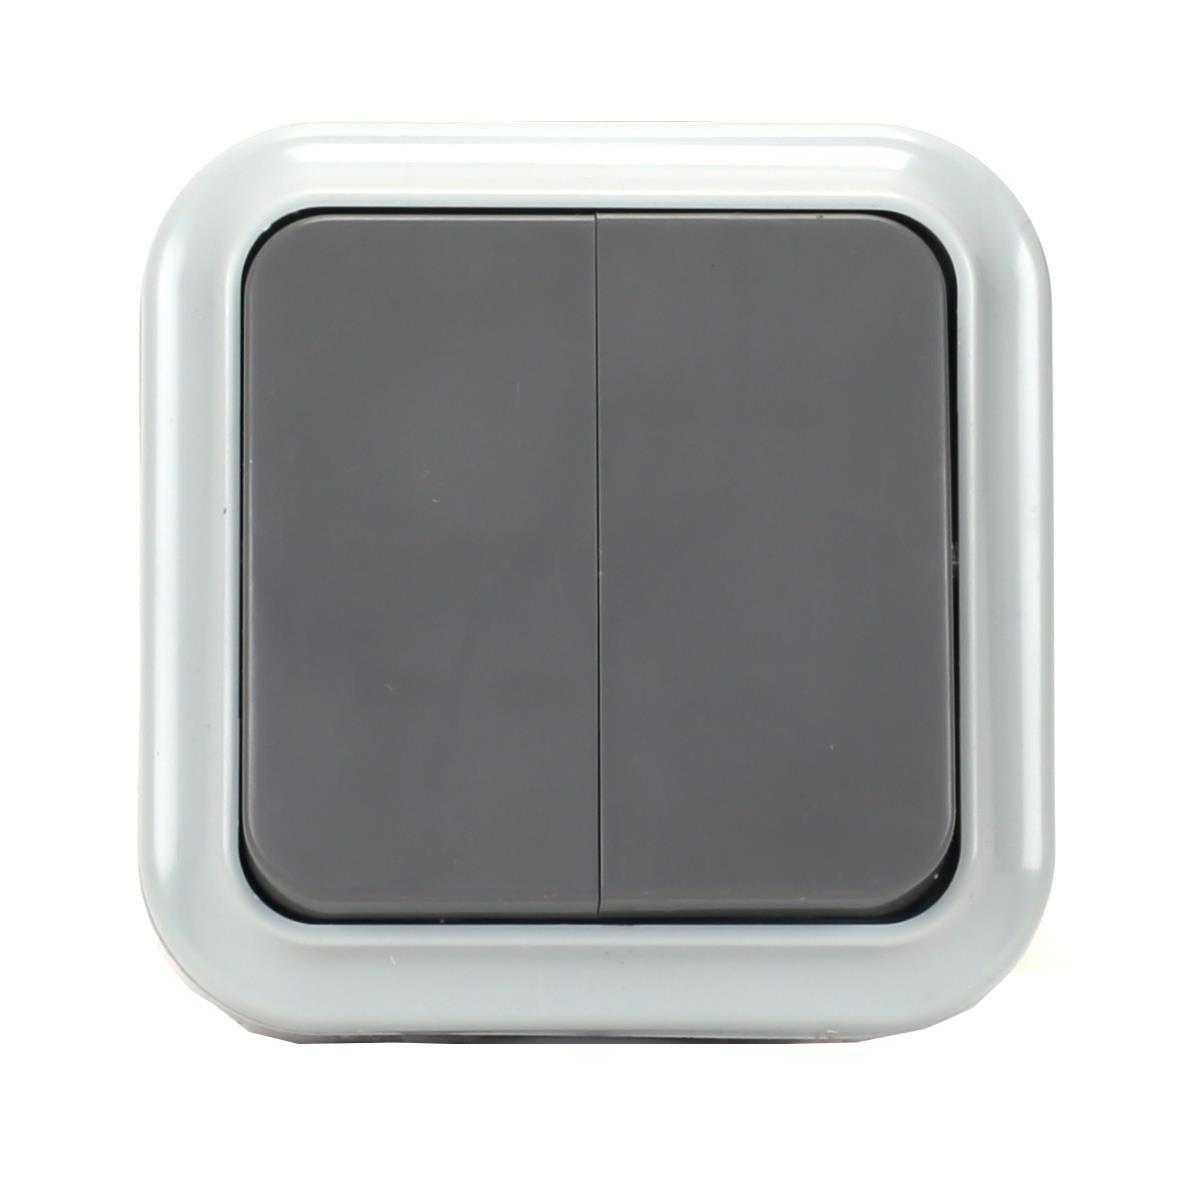 Aufputz Serienschalter Lichtschalter Feuchtraum Garten IP54 grau serie OKKO,OKKO,A5 6-224-03, 4810158059784